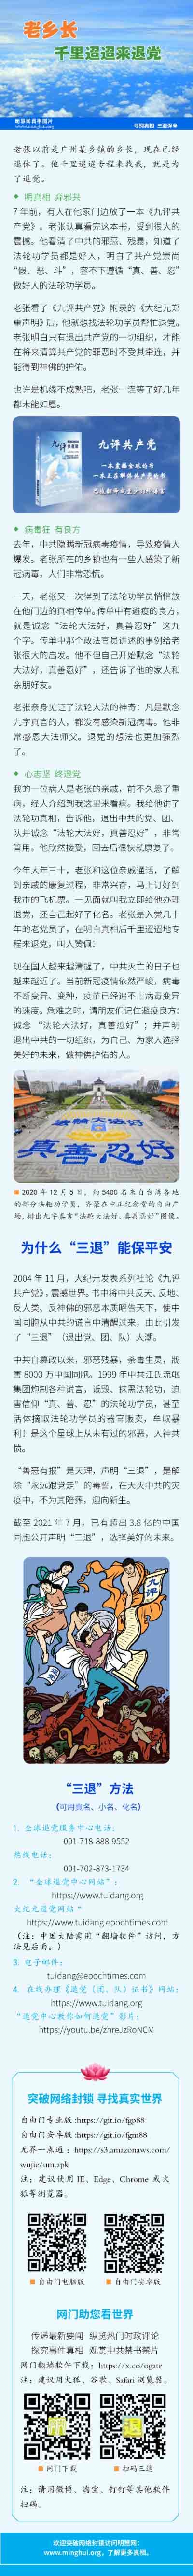 (2021年07月16日) 手机图片:老乡长千里迢迢来退党